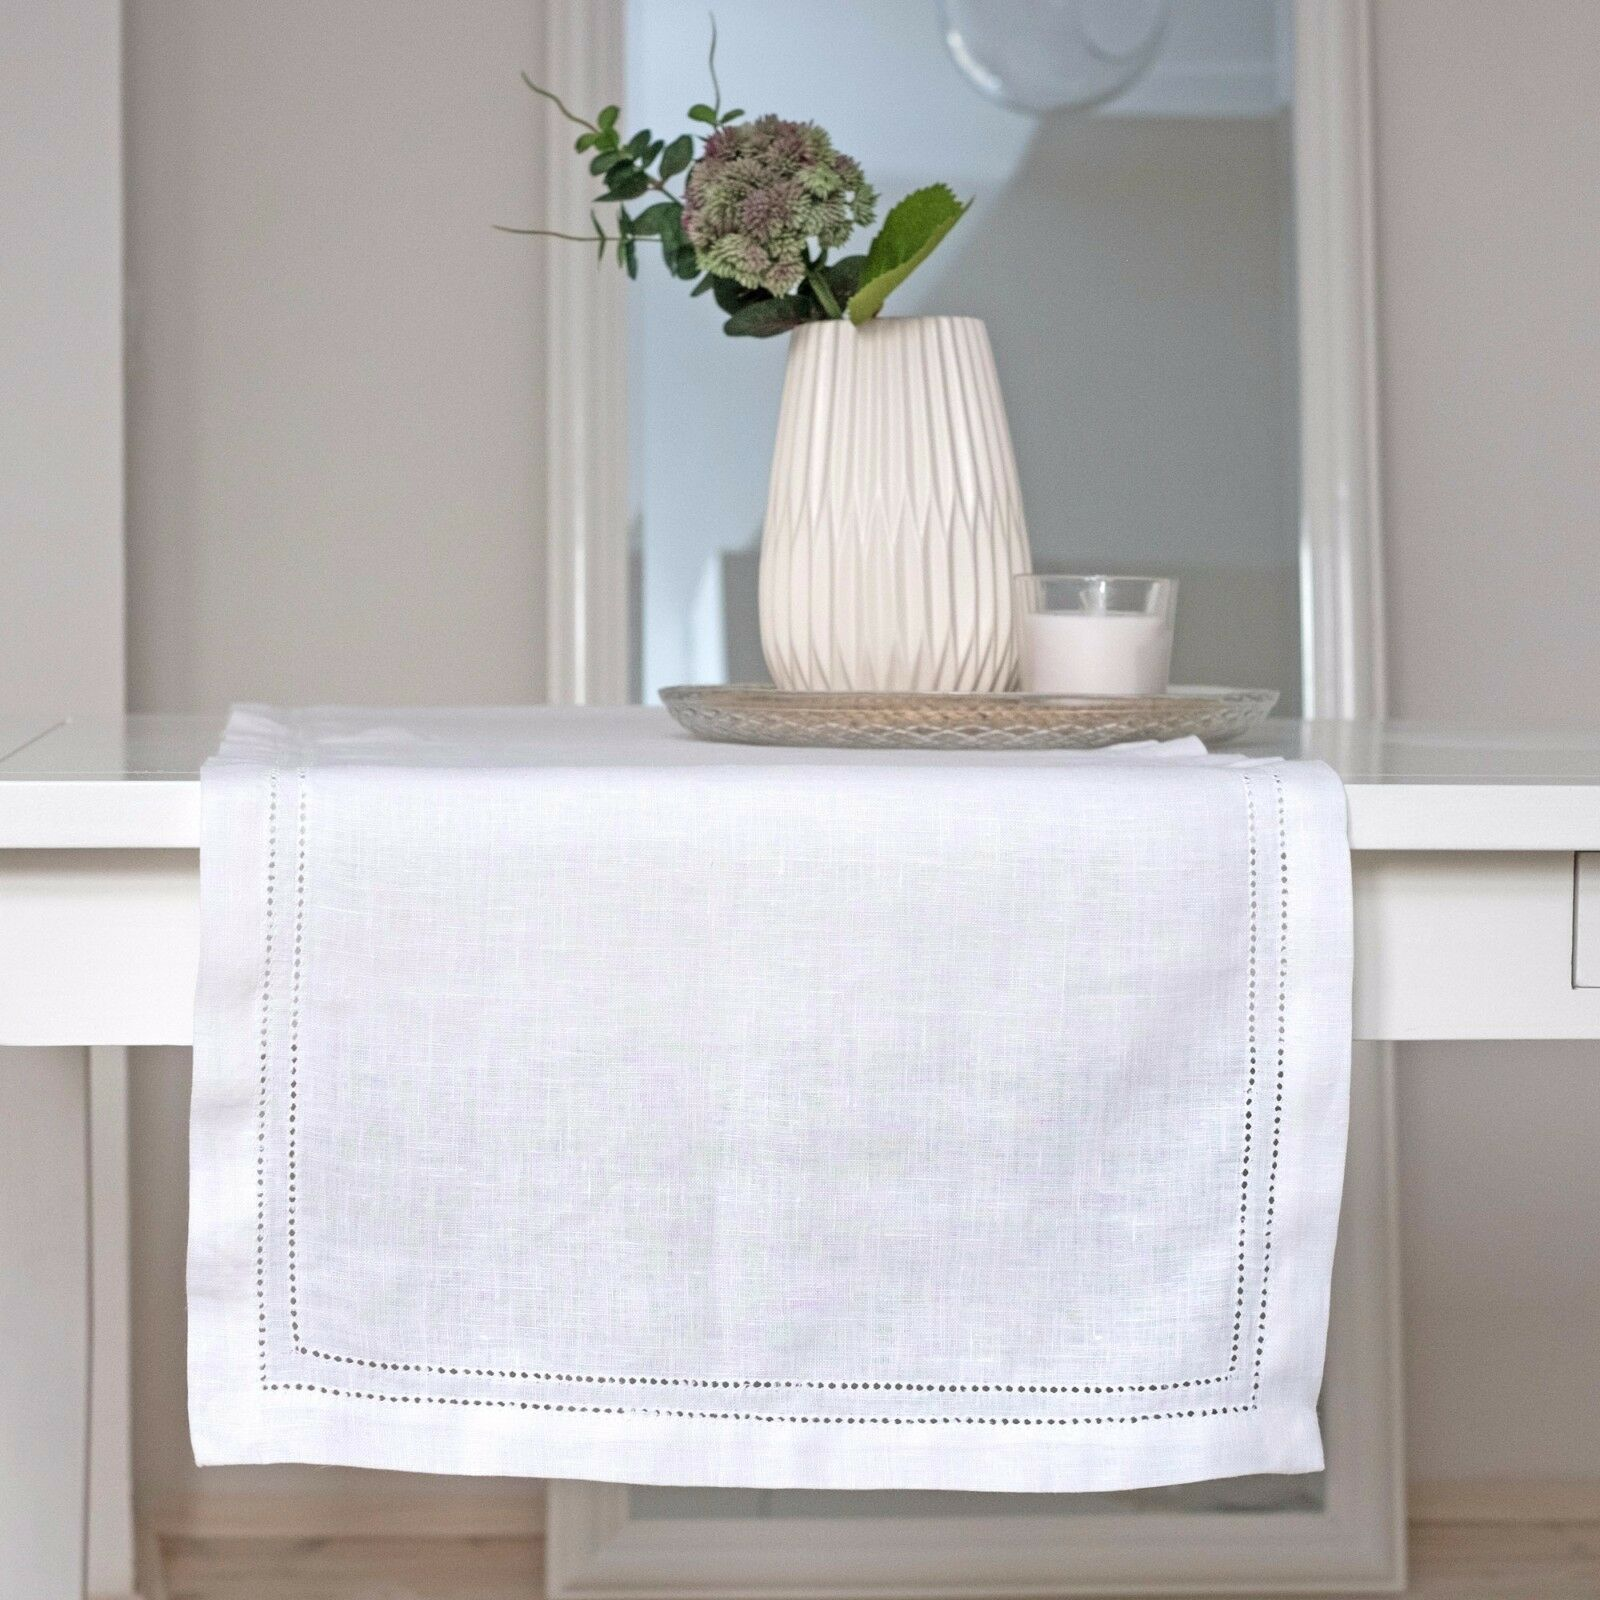 Leinen Tischläufer Läufer Tischtuch Hohlsaum - Weiss L 150, 180, 200 cm | Die Königin Der Qualität